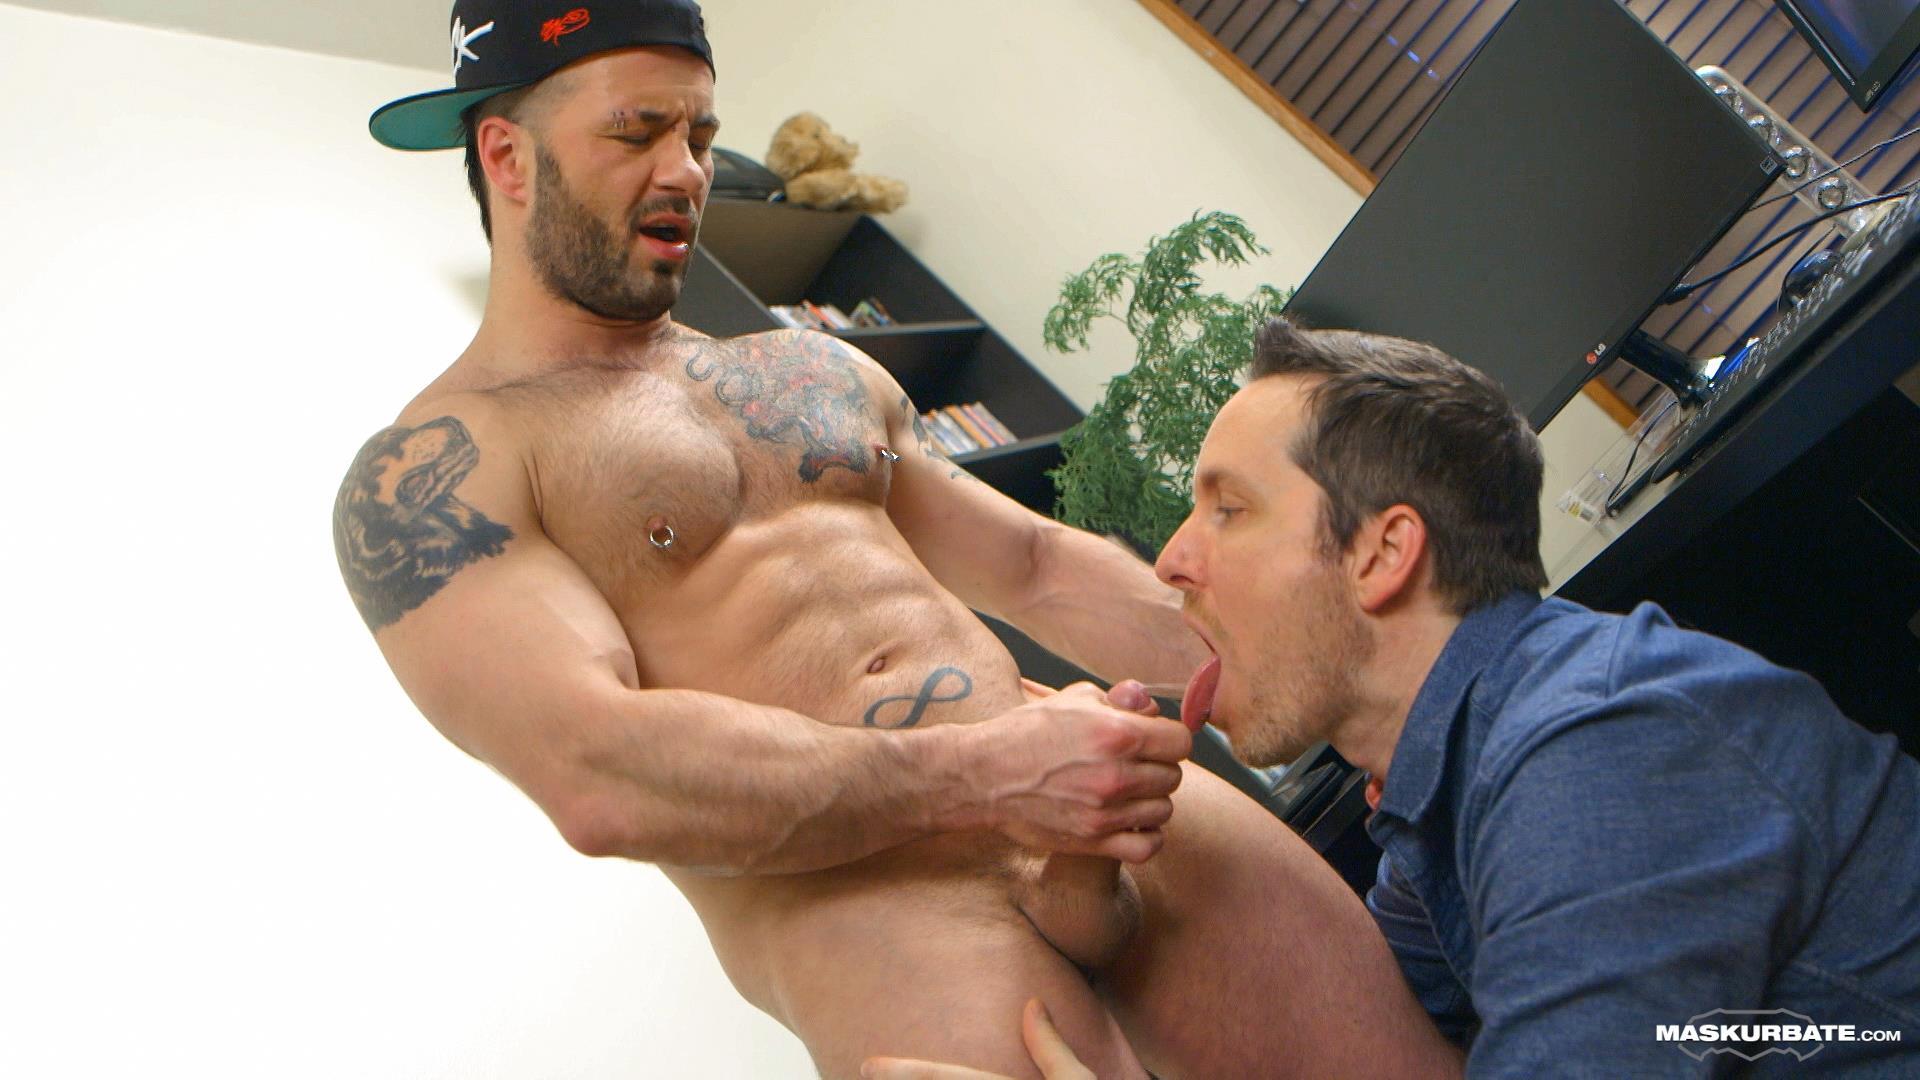 Maskurbate-Manuel-Deboxer-Gets-His-Big-Uncut-Cock-Sucked-Amateur-Gay-Porn-14 Manuel Deboxer Gets His Big Uncut Cock Sucked Off